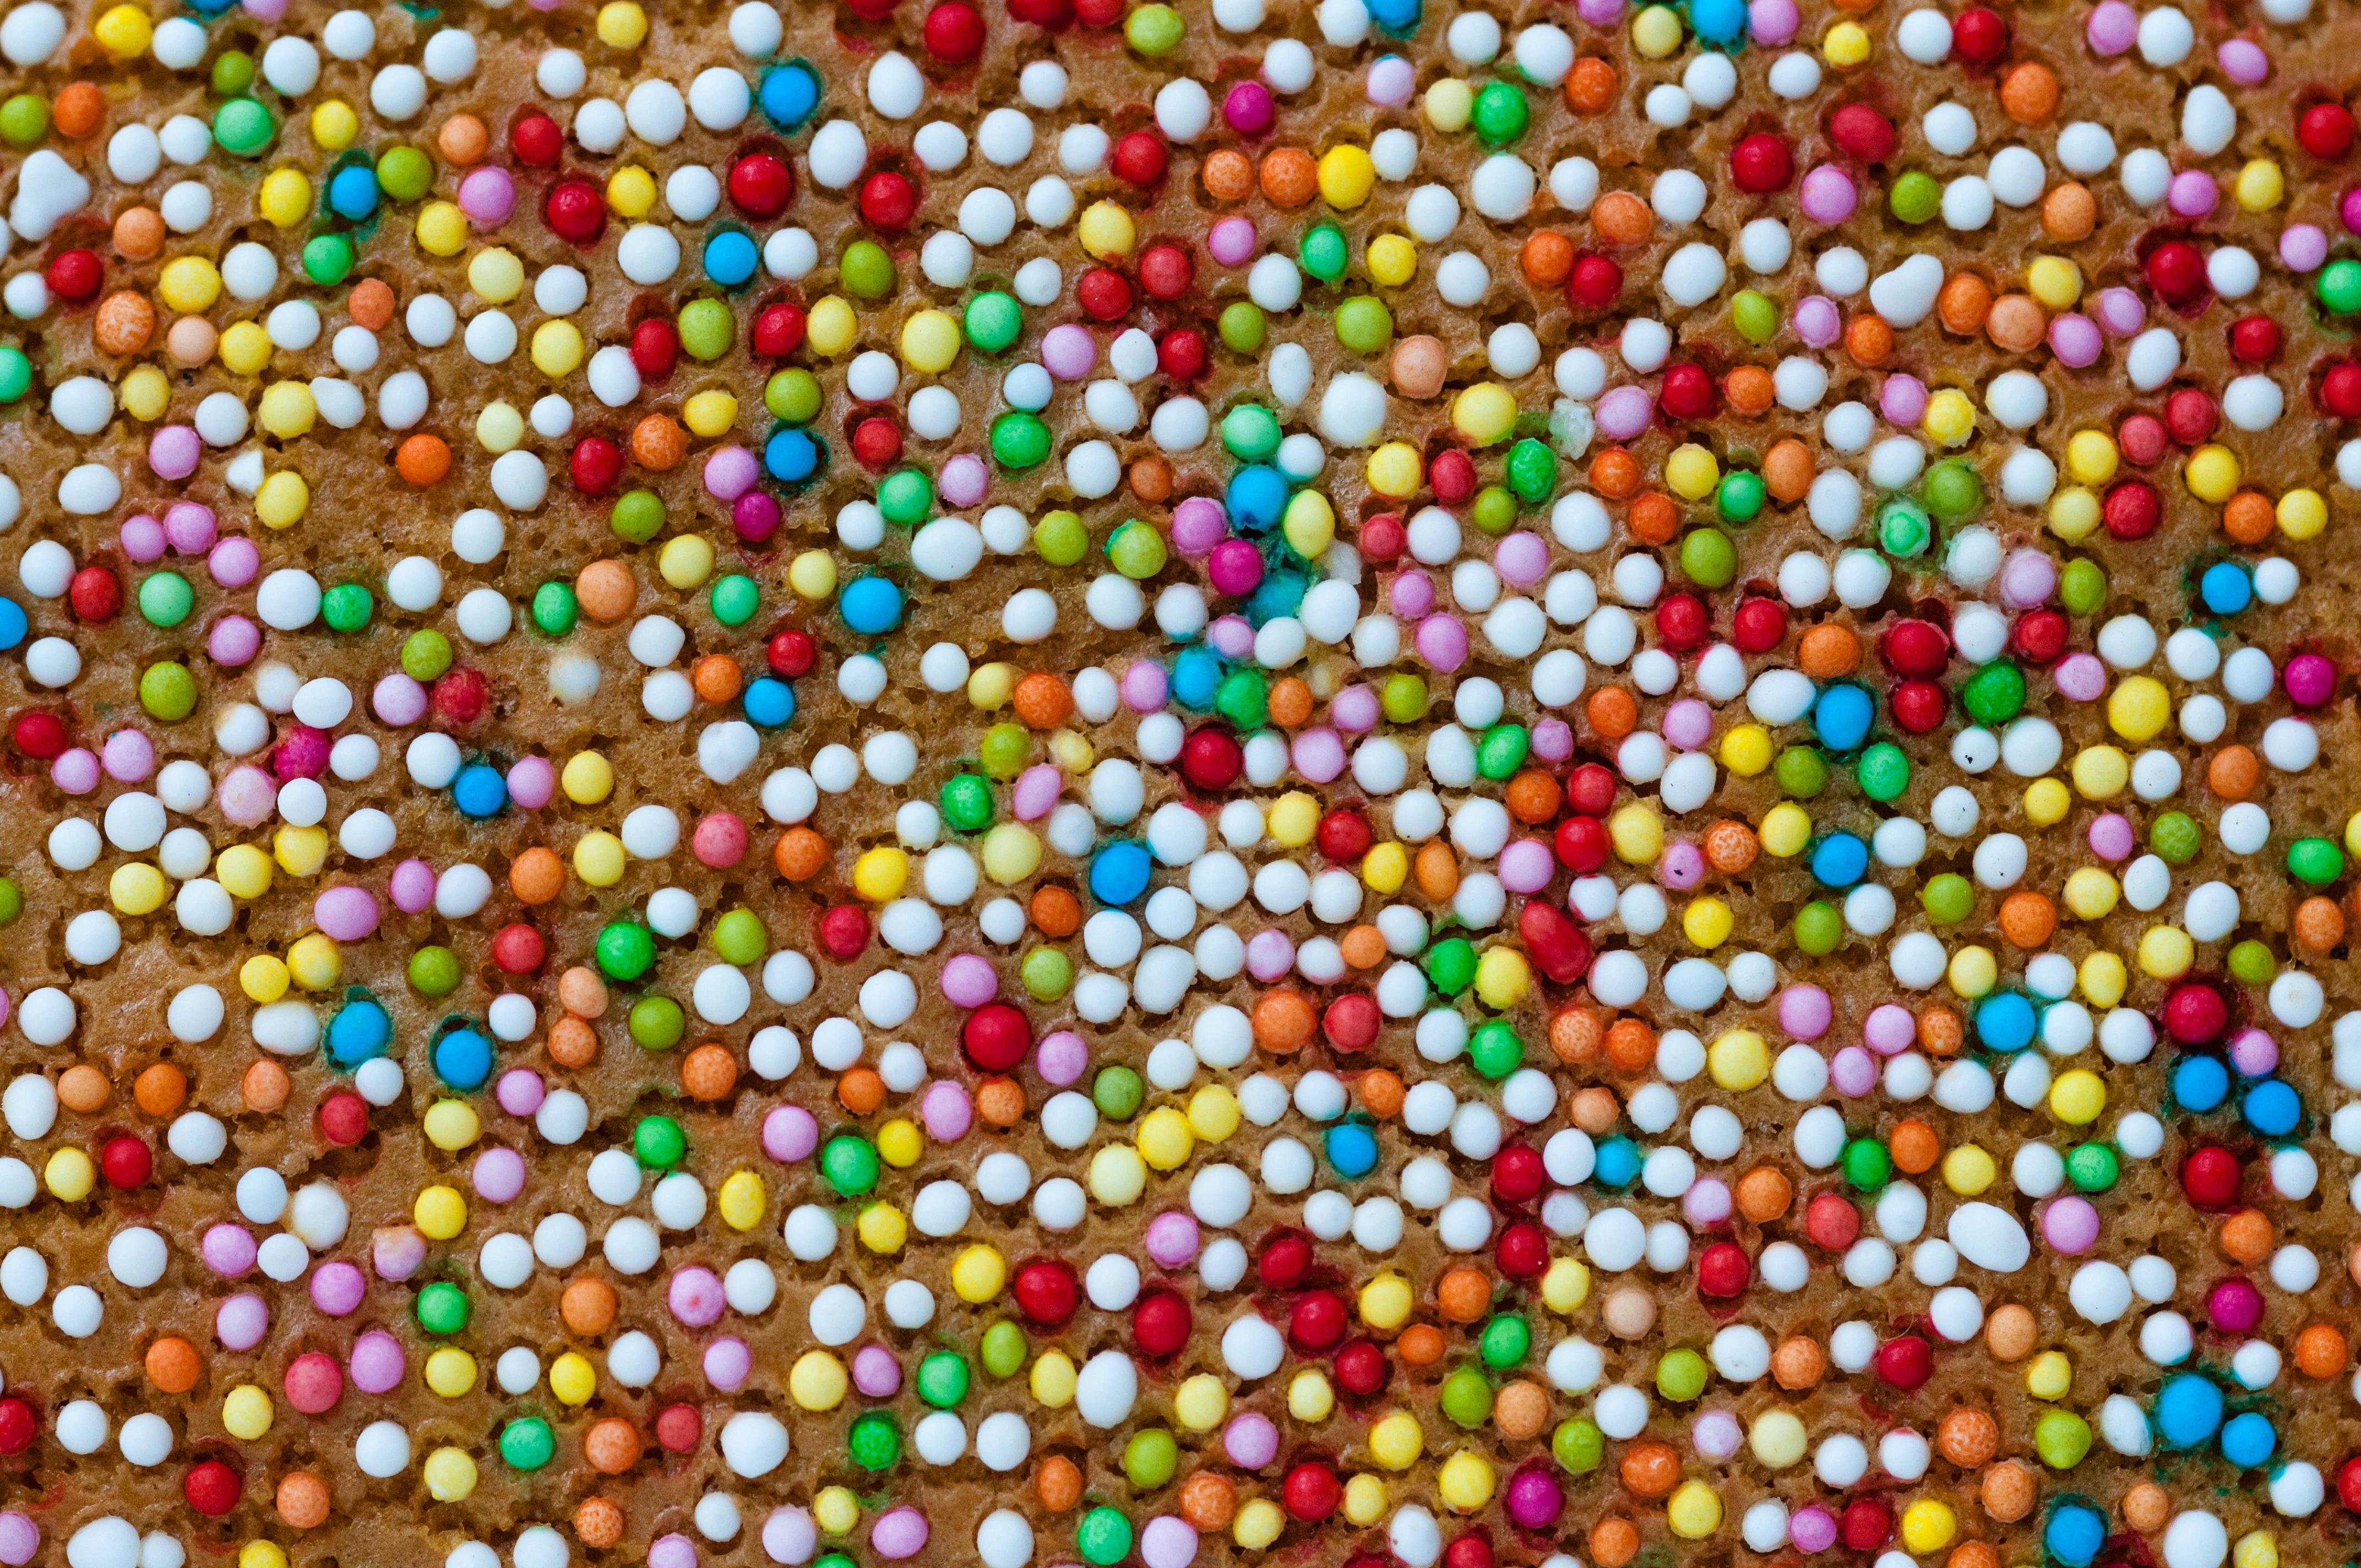 Hình ảnh Kết Cấu Trang Trí Món ăn đầy Màu Sắc đồ Tráng